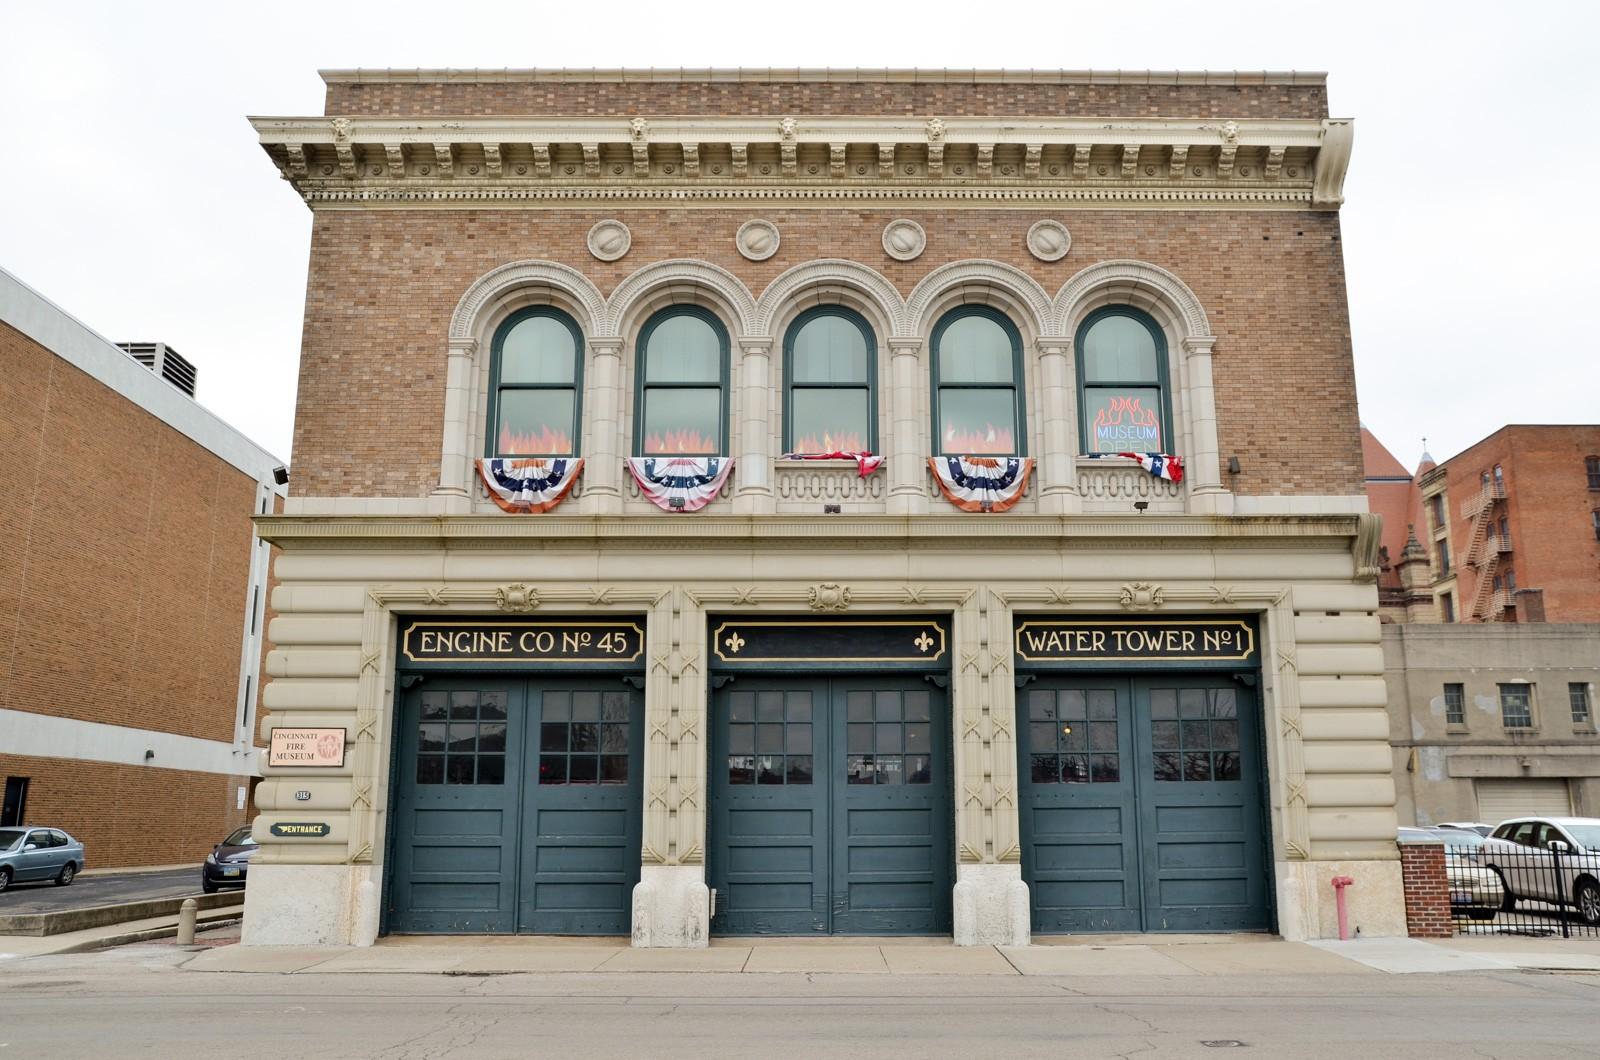 The Cincinnati Fire Museum opened in 1980 in a restored ca. 1906 firehouse.